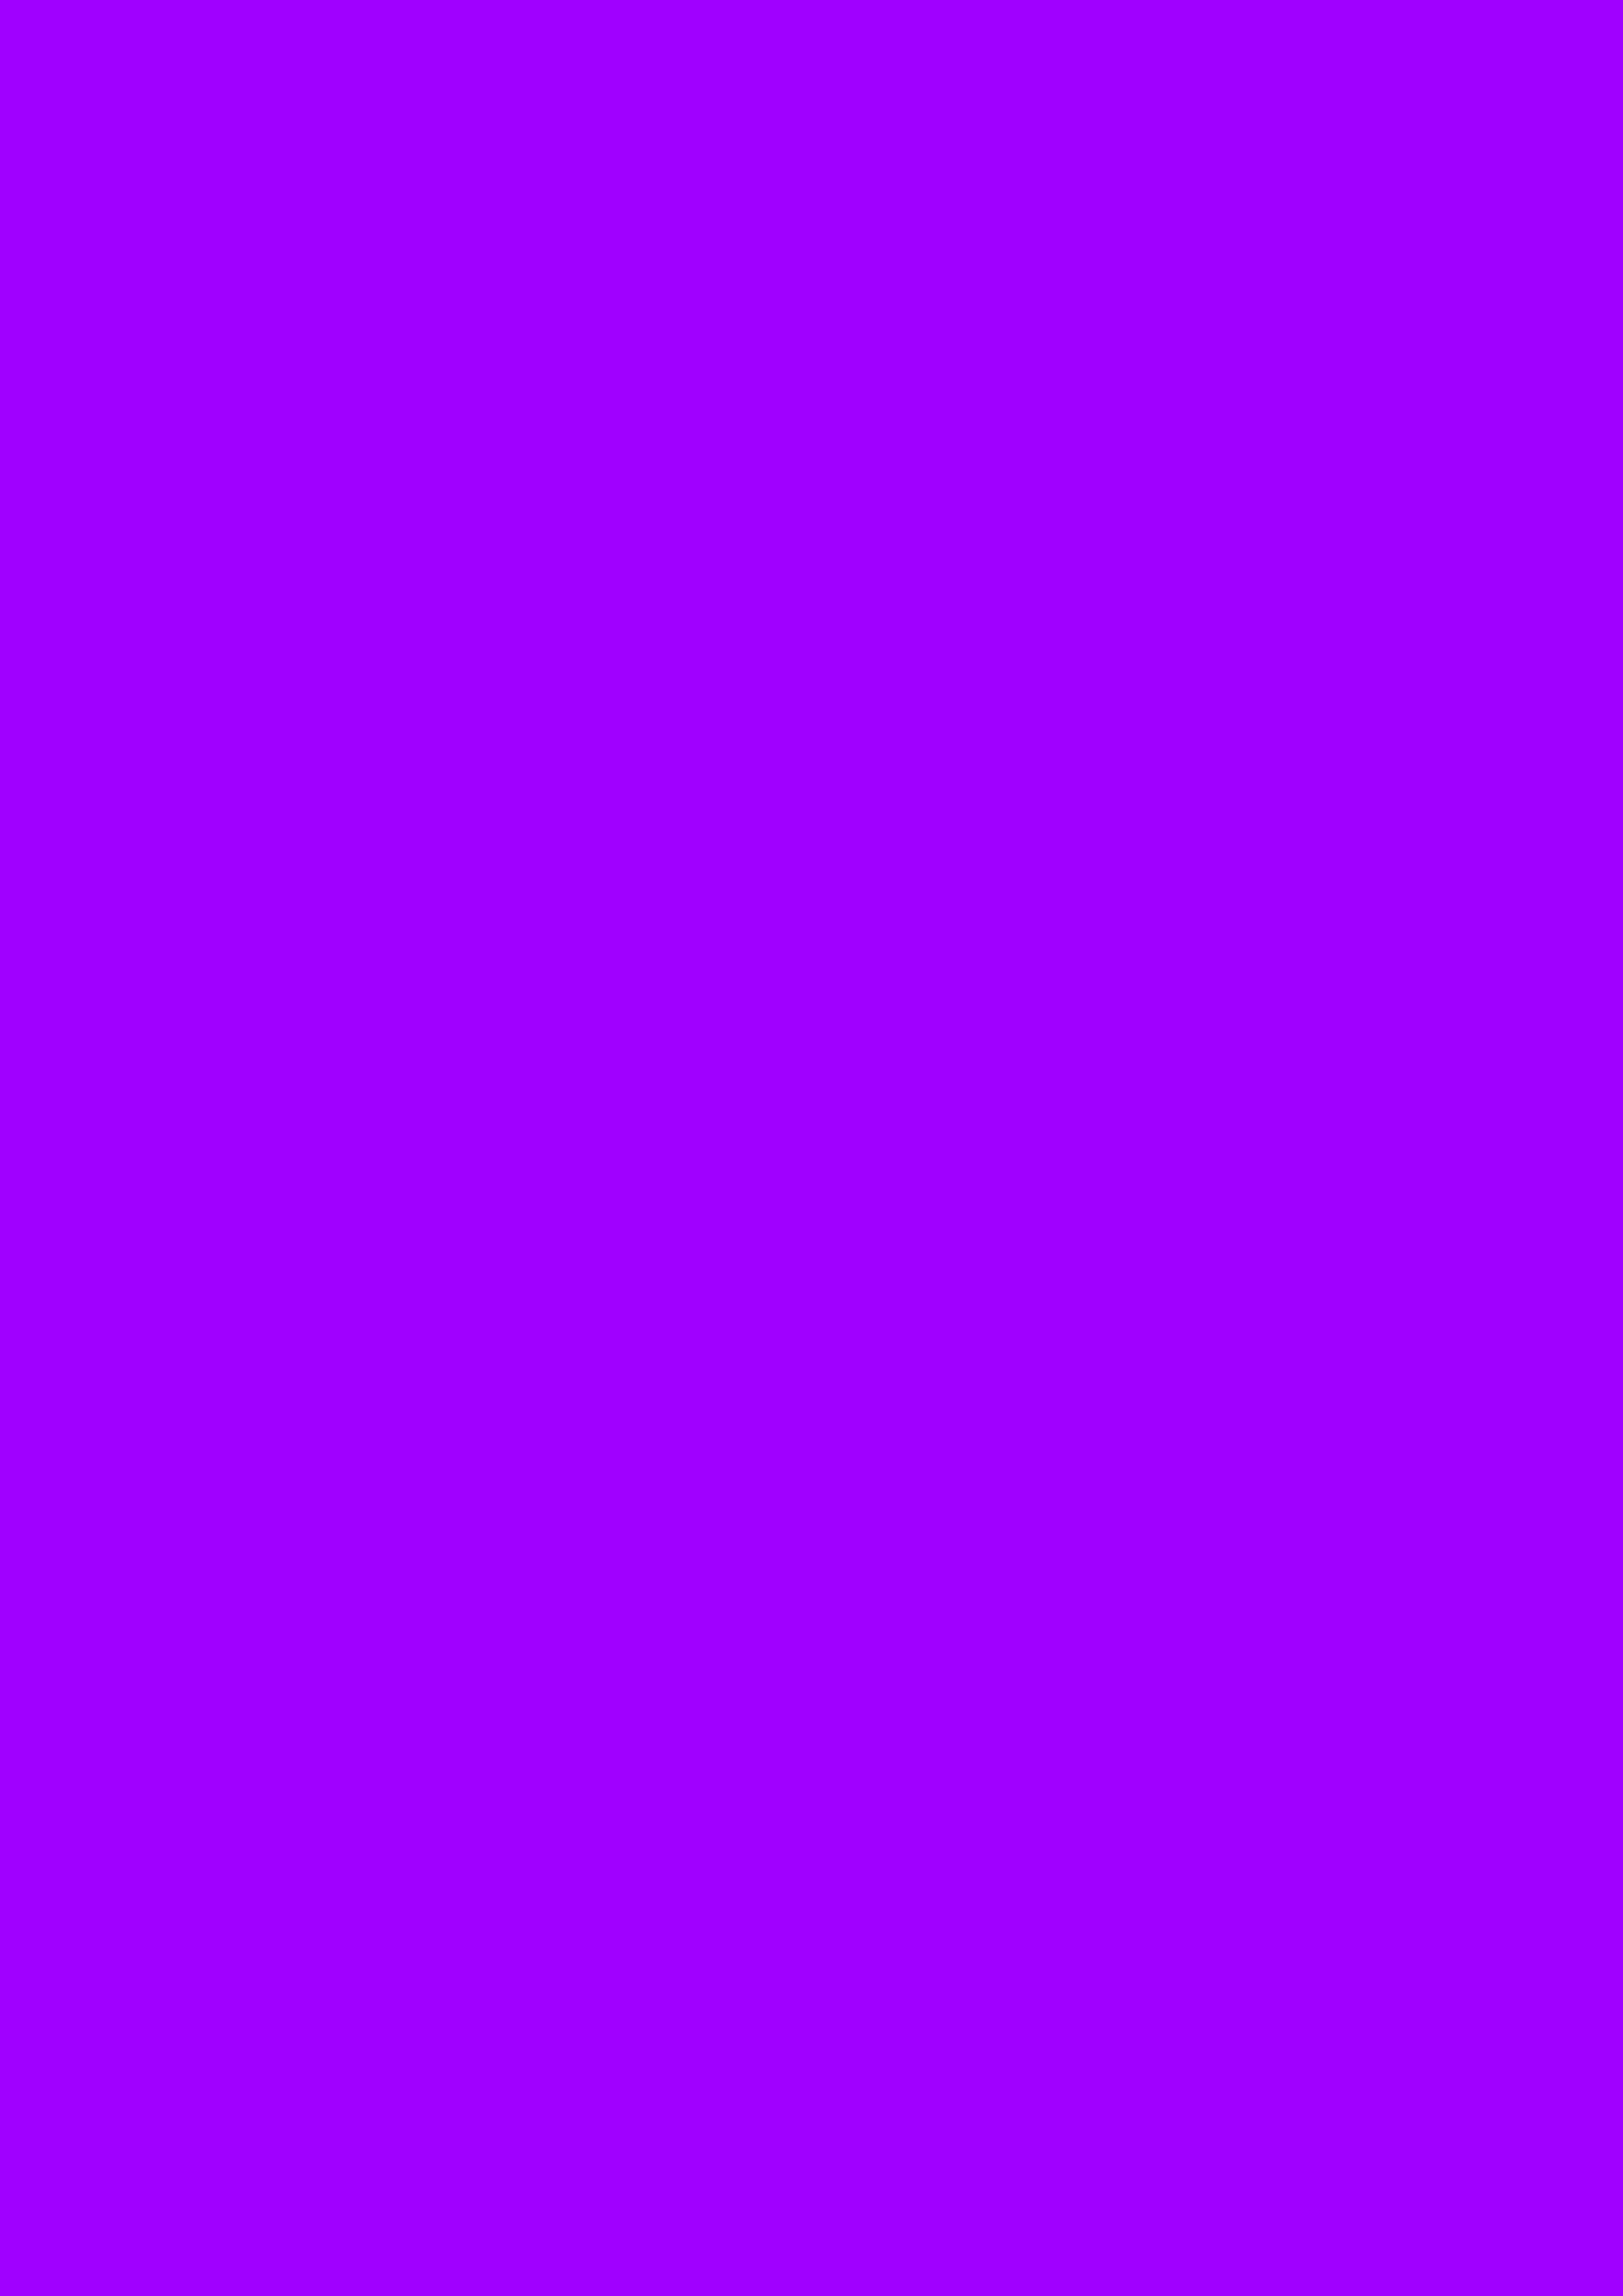 2480x3508 Vivid Violet Solid Color Background